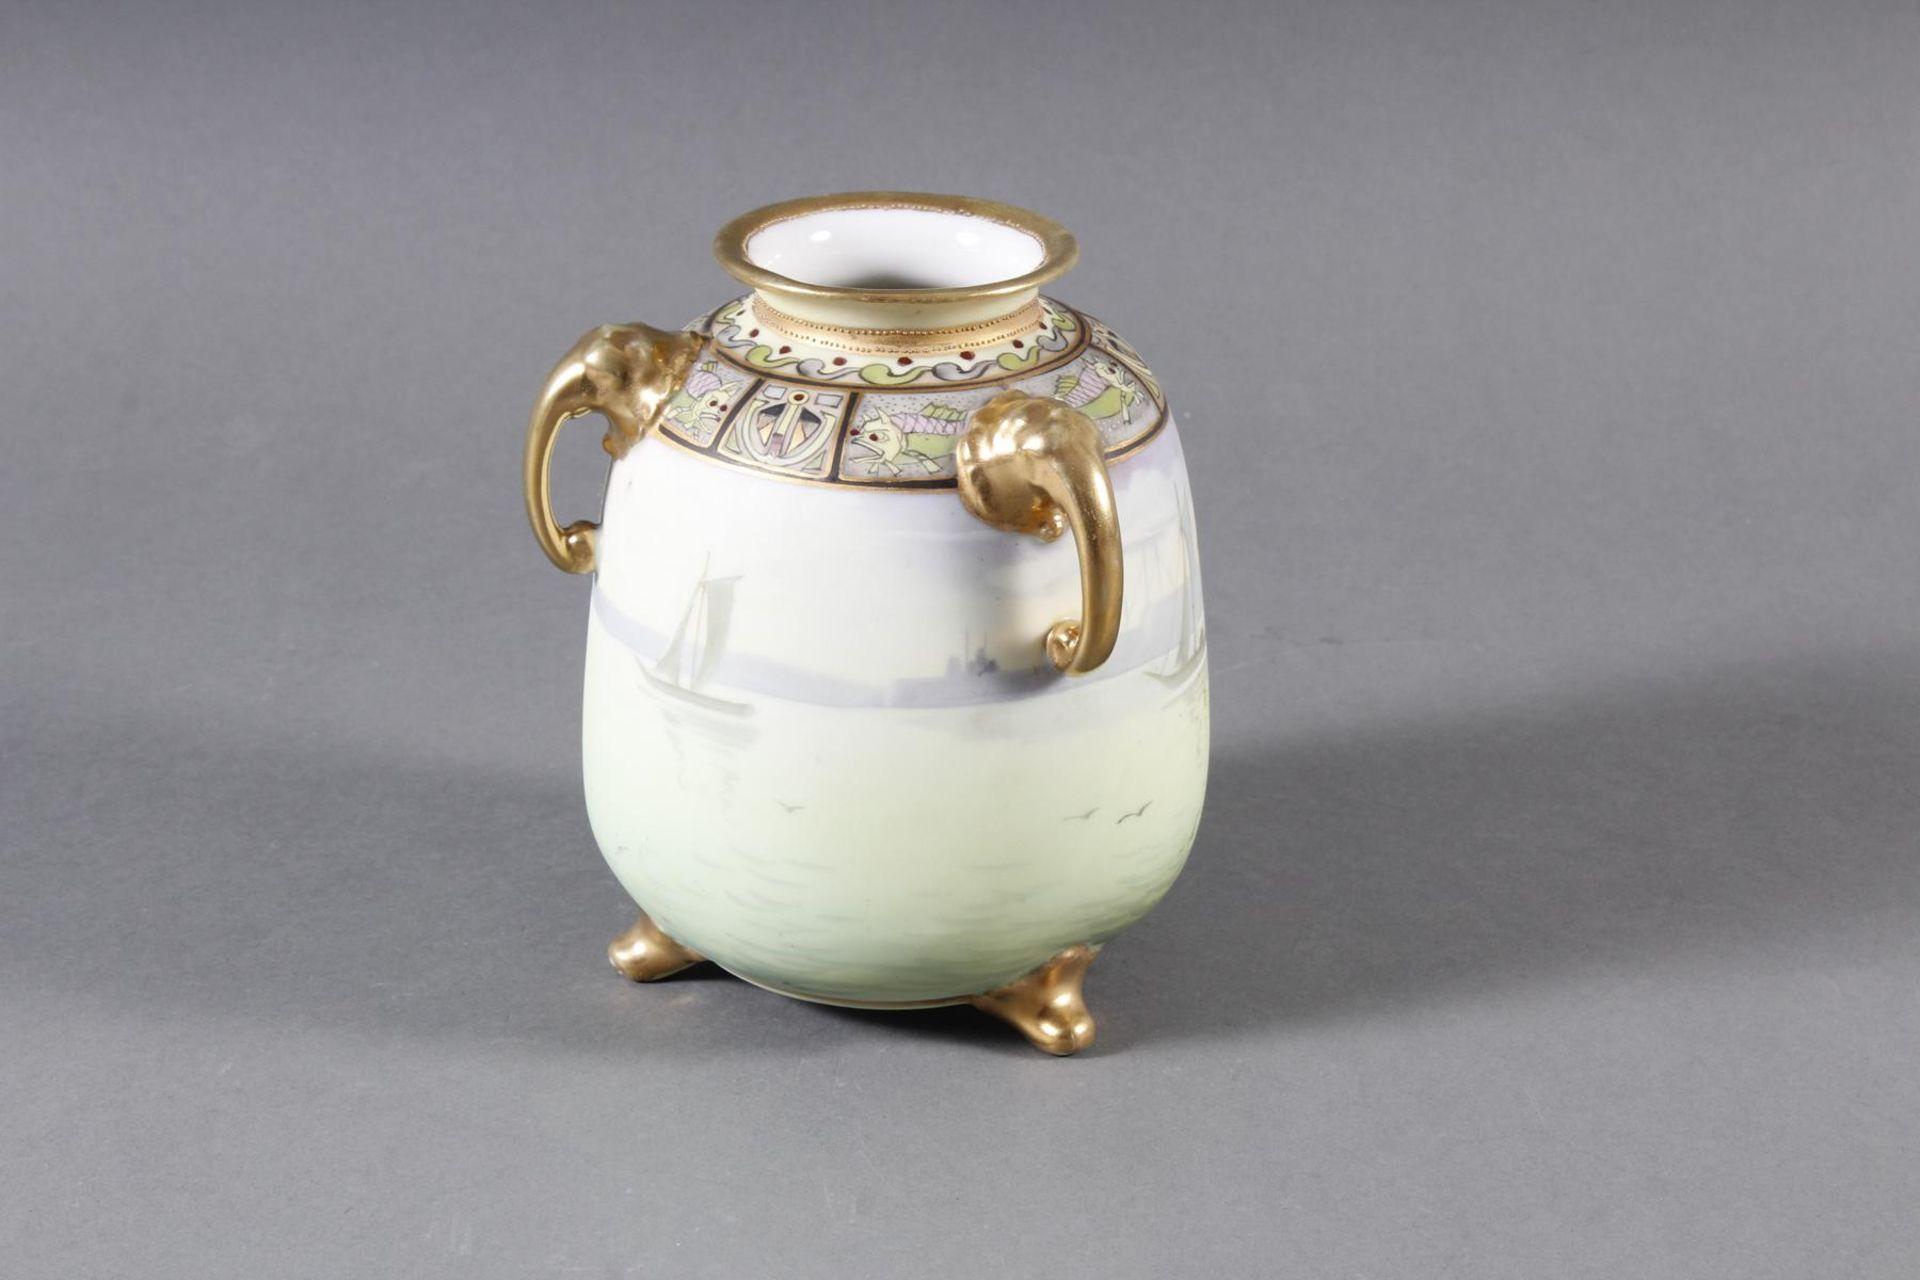 Dreihenkel-Porzellanvase, Nippon Porzellan um 1910 - Bild 3 aus 9